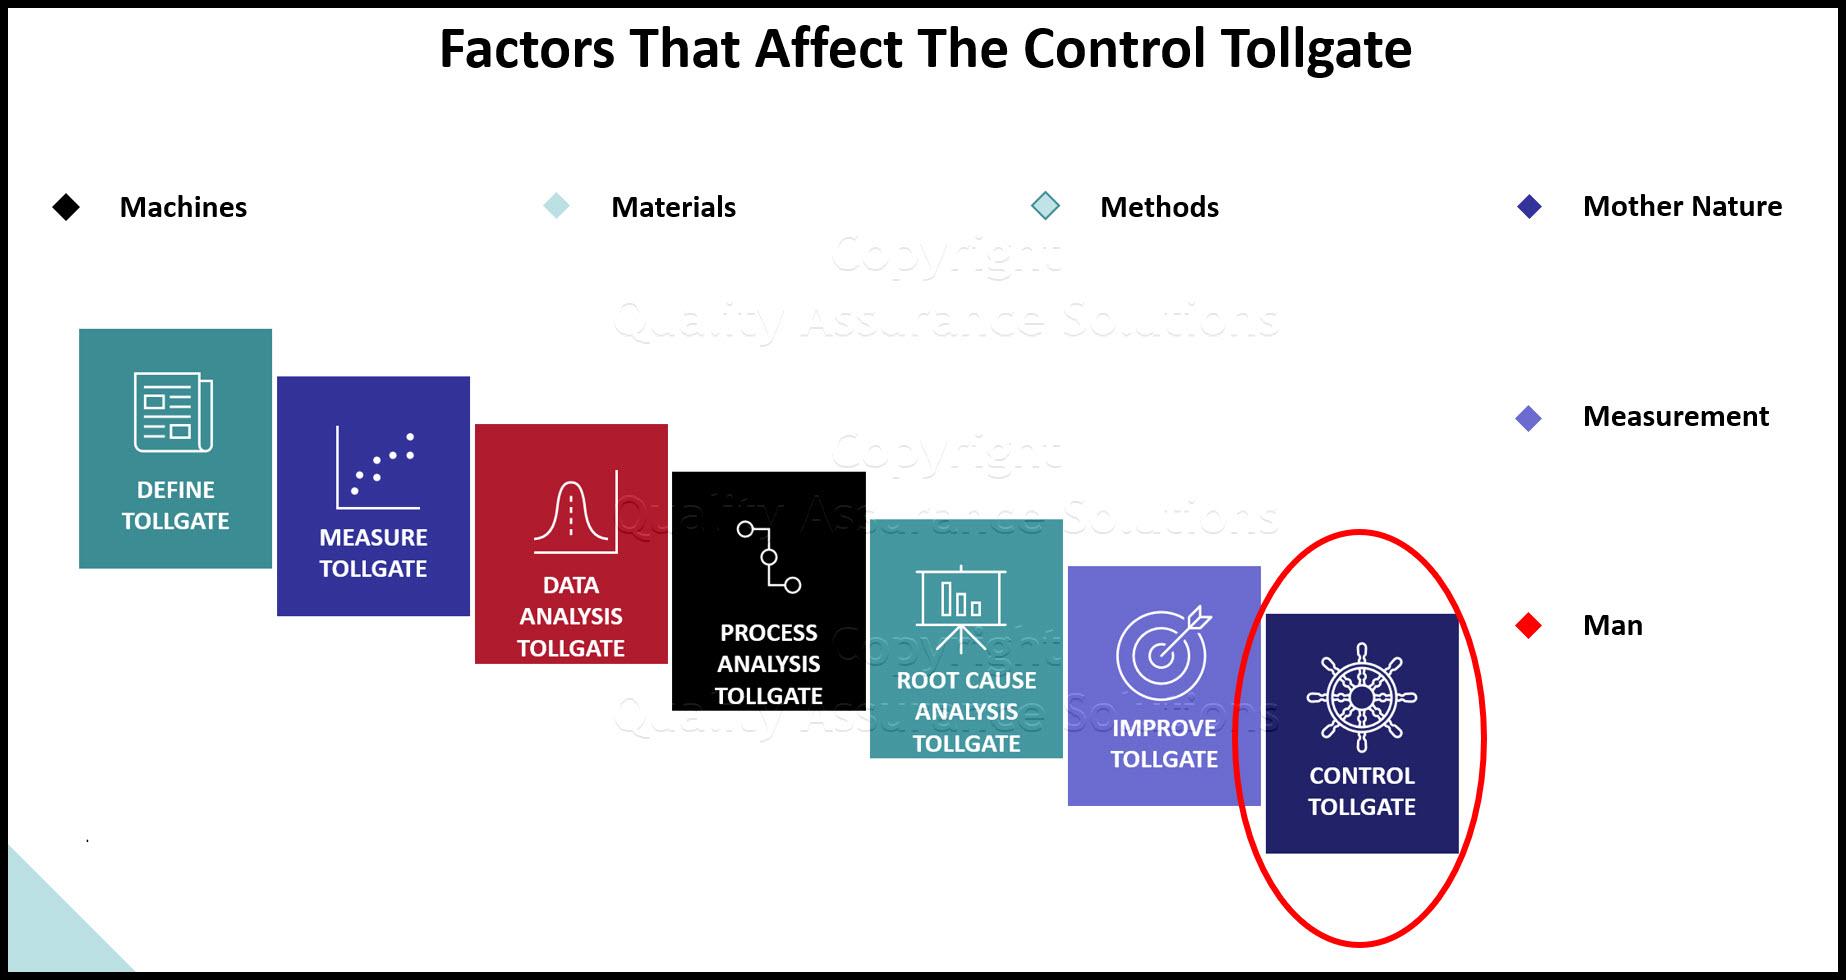 Control Tollgate slide